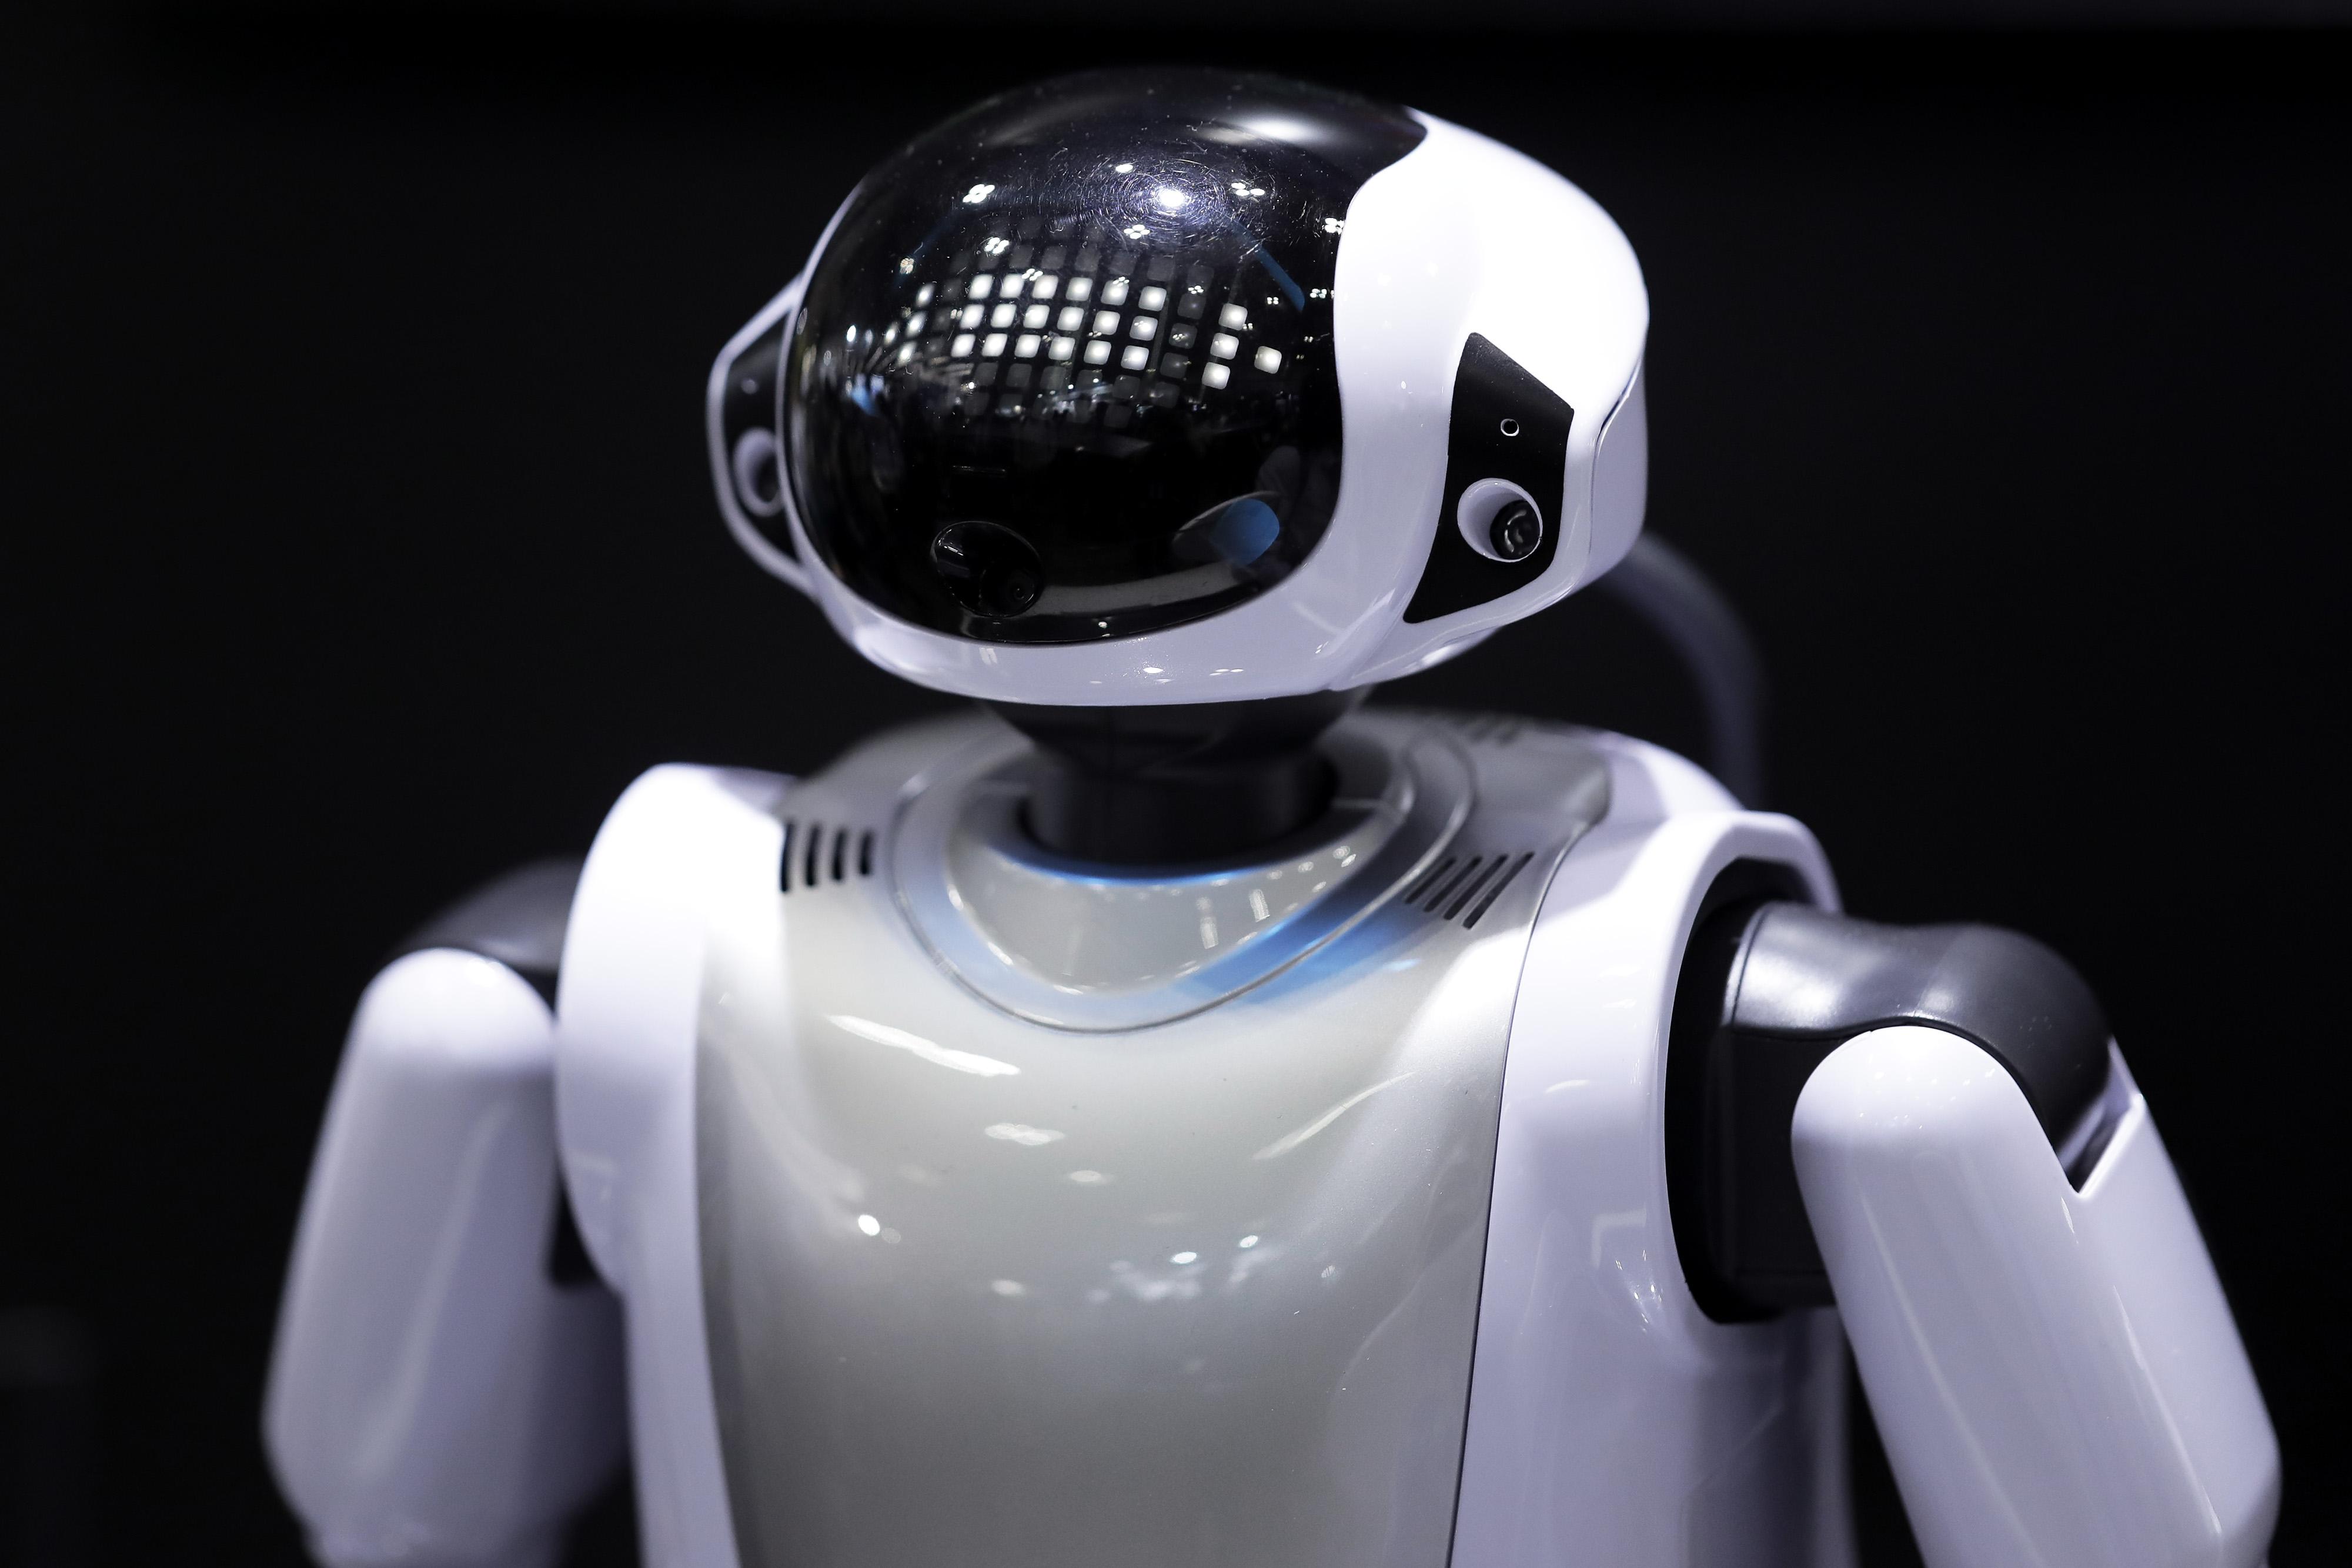 https://assets.sourcemedia.com/97/40/53a581ea438693d095121da19a0c/di-ai-robot-stock-043018.jpg